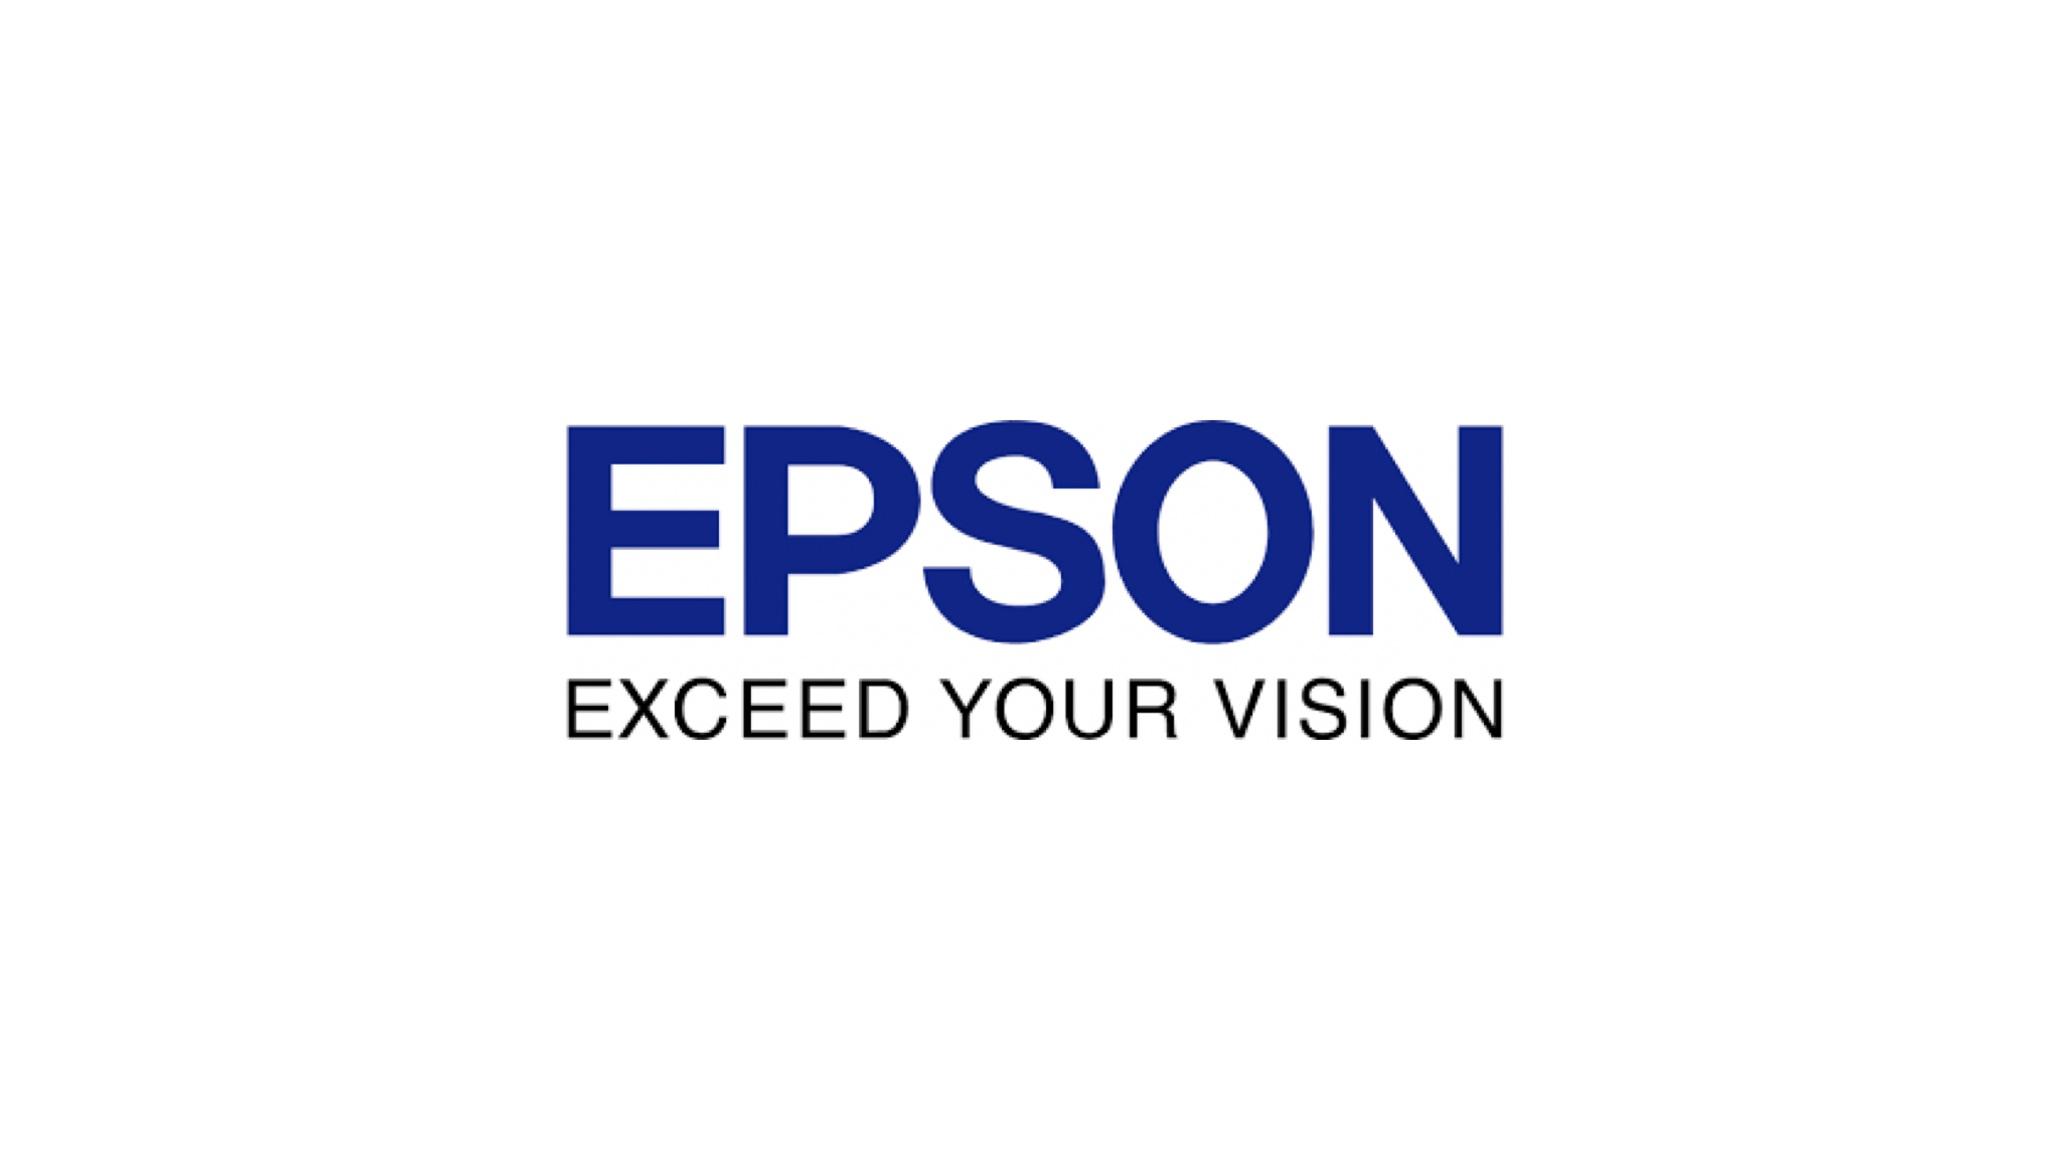 エプソン | CVC「エプソンクロスインベストメント」を設立し、総額50億円のファンドを立ち上げ